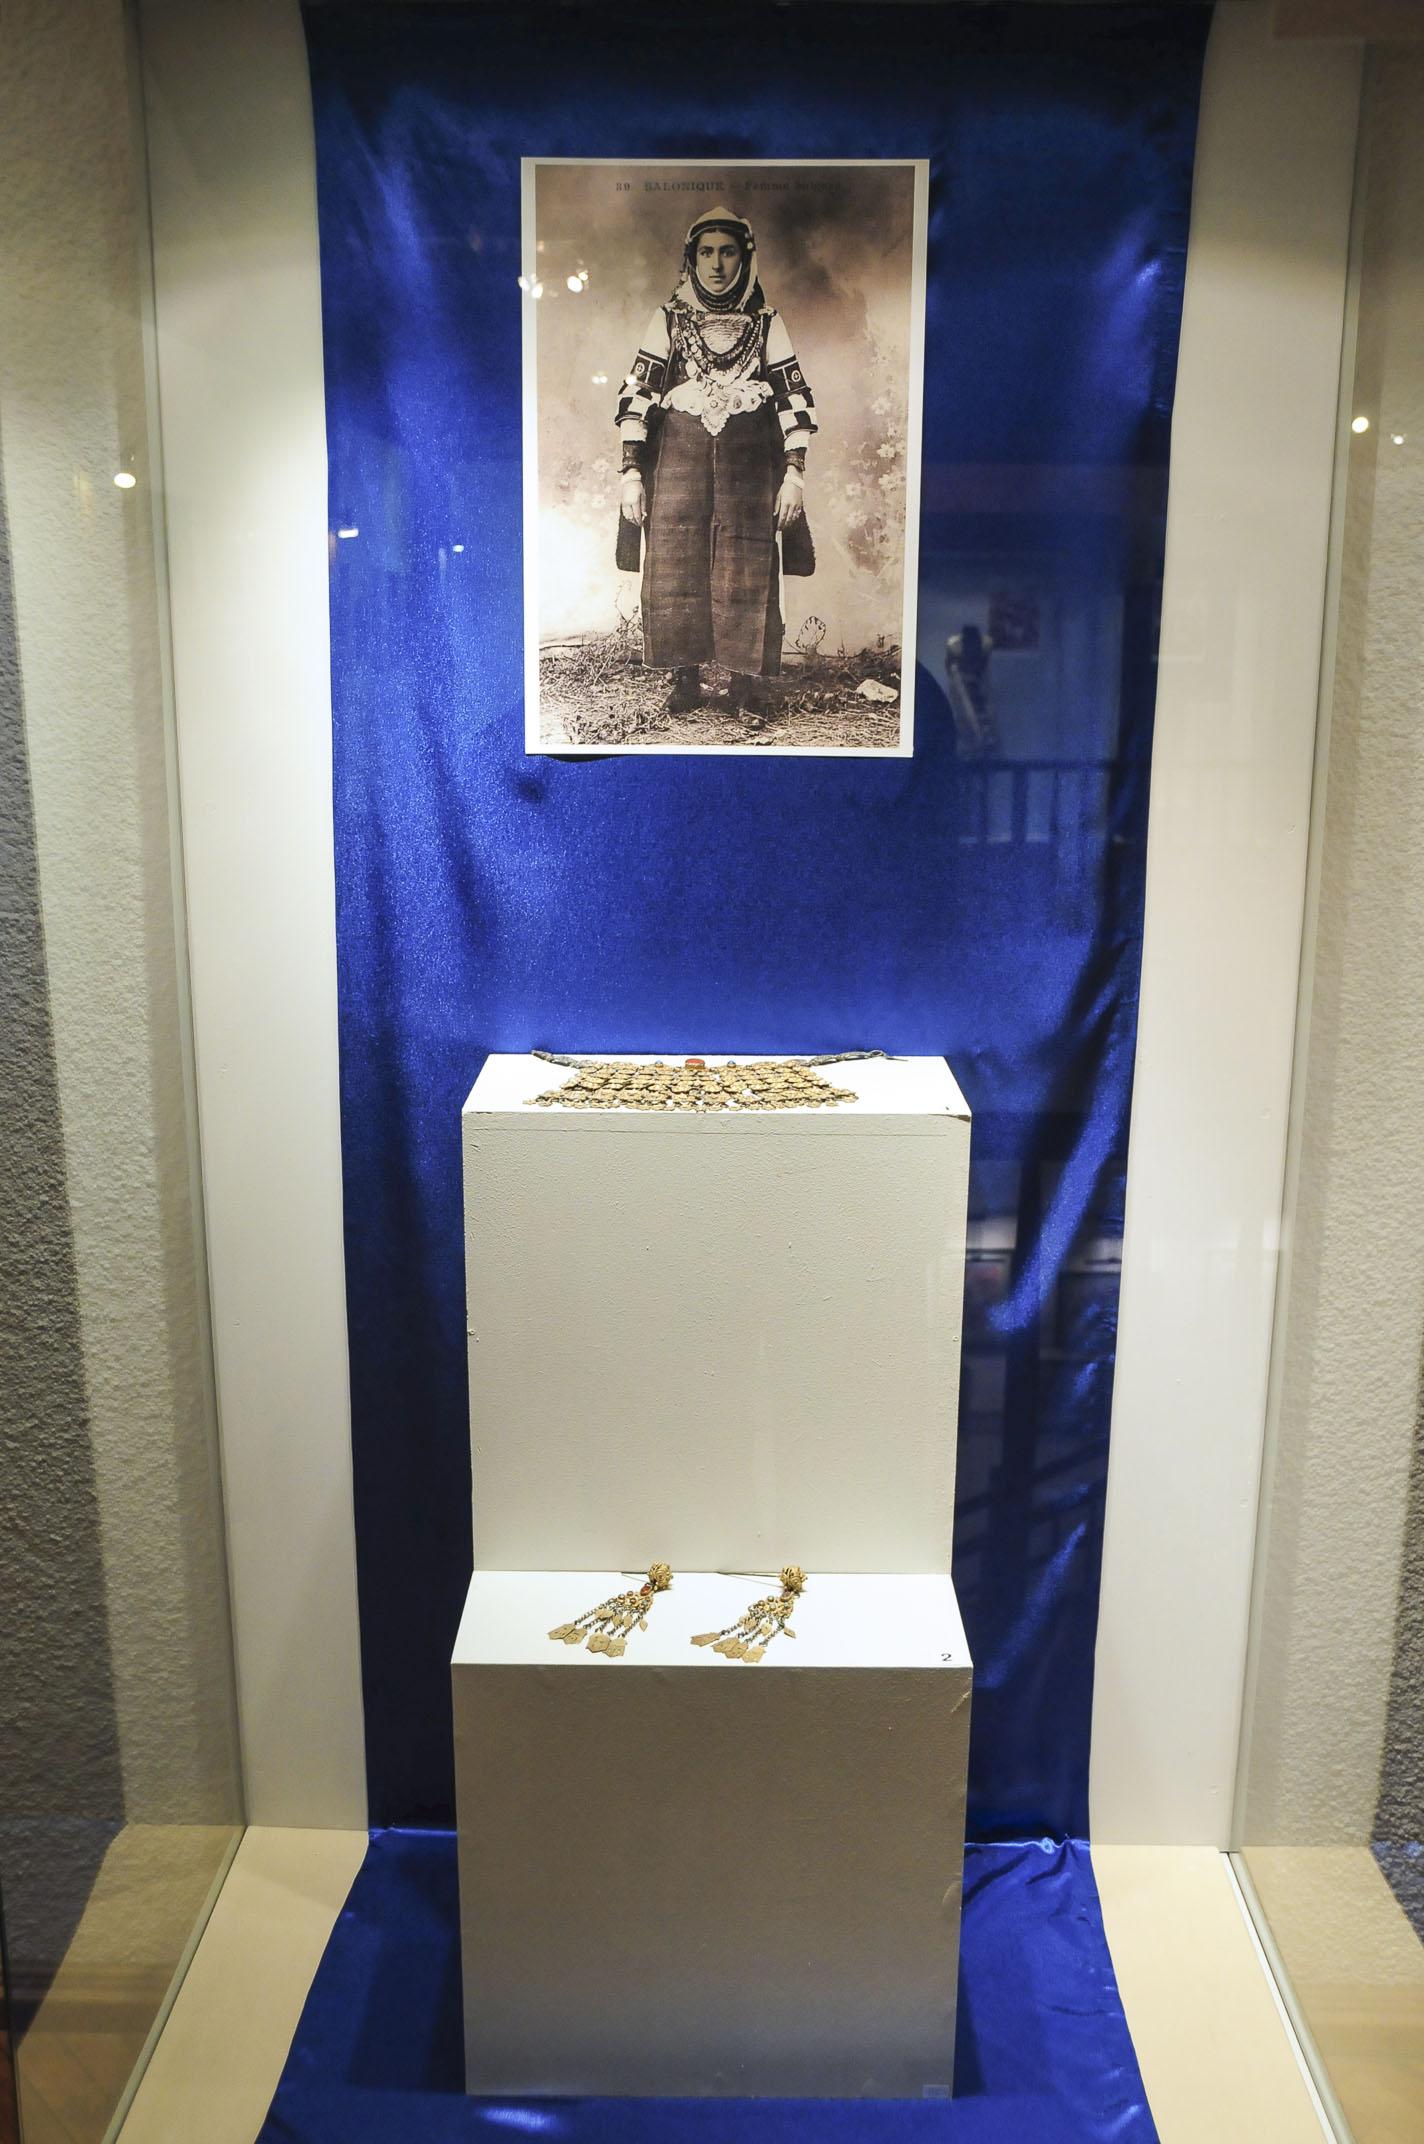 troyan-museum-bylgarsko-zlatarsko-izkustvo-37